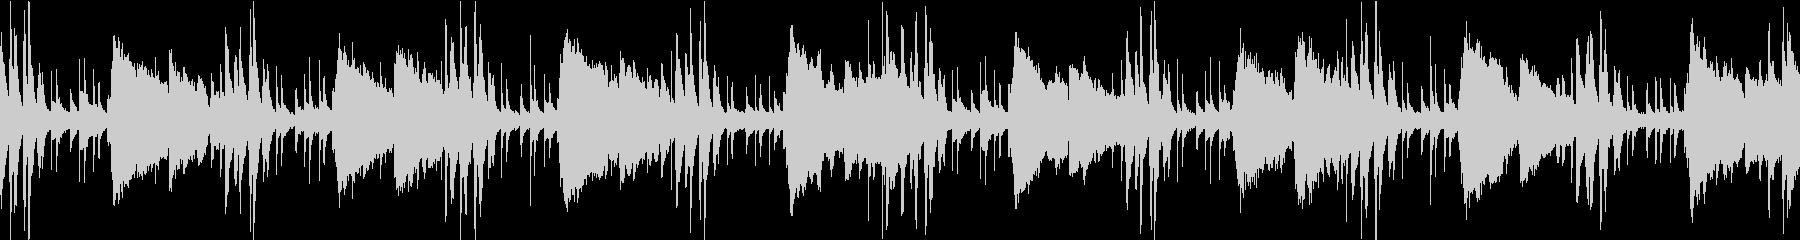 潜入、コソコソした場面のBGM(ループ)の未再生の波形